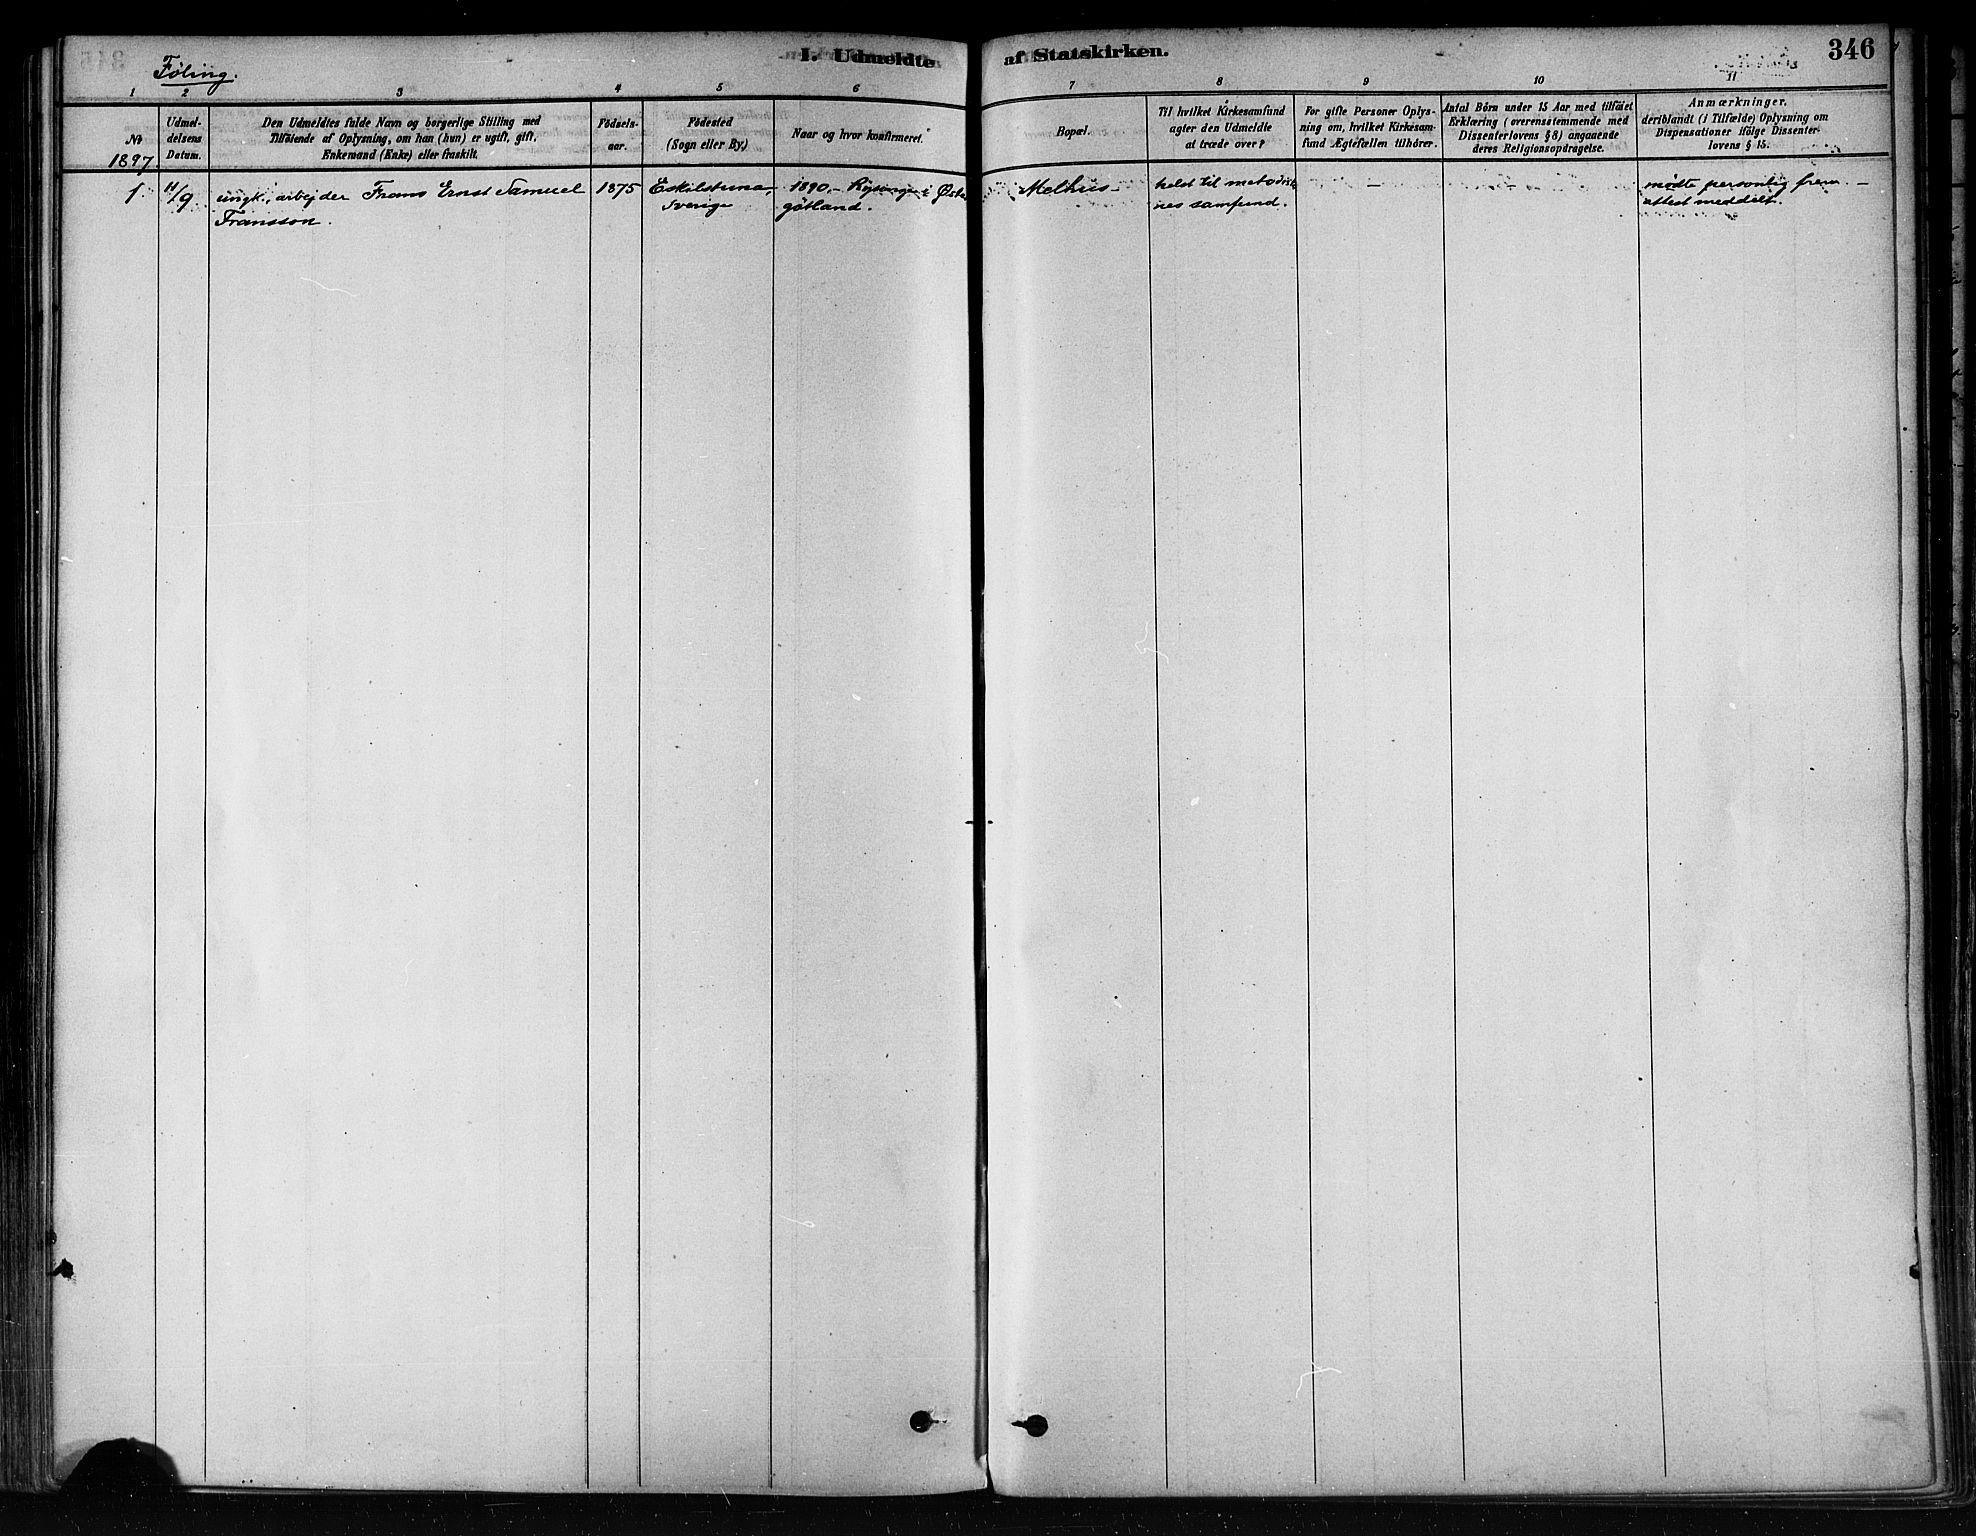 SAT, Ministerialprotokoller, klokkerbøker og fødselsregistre - Nord-Trøndelag, 746/L0449: Ministerialbok nr. 746A07 /3, 1878-1899, s. 346